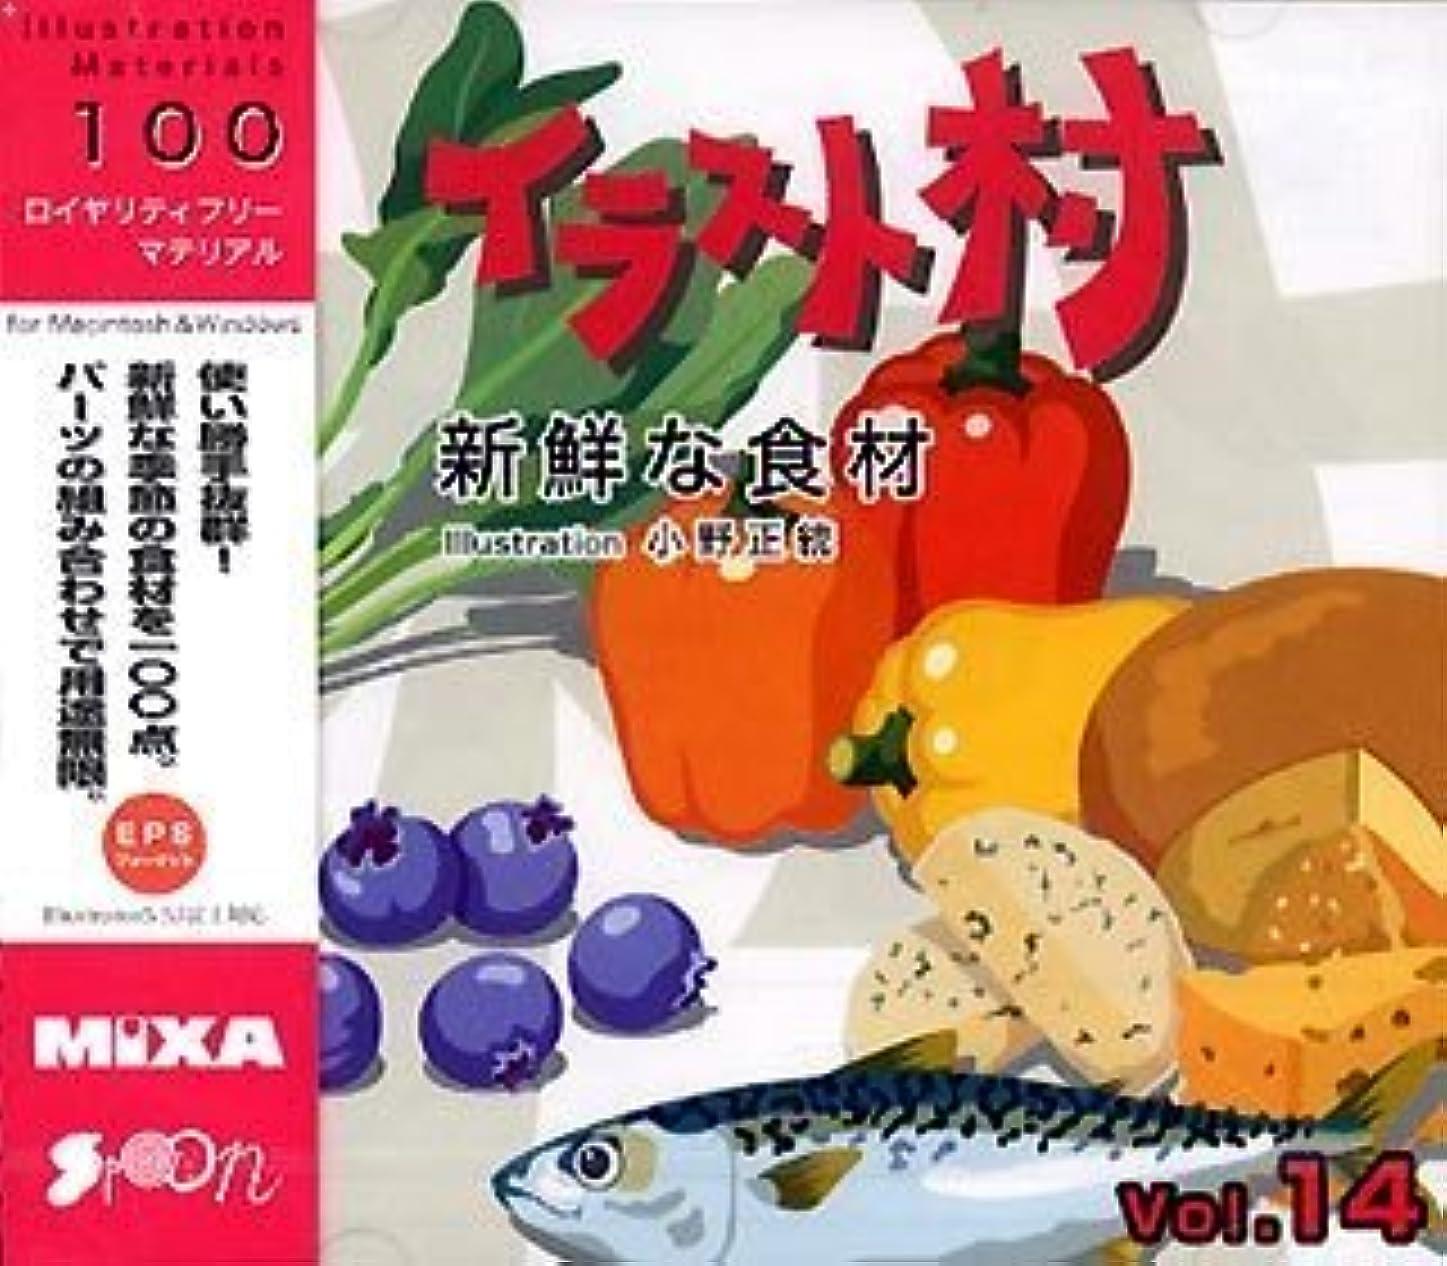 図書館参照するハードウェアイラスト村 Vol.14 新鮮な食材